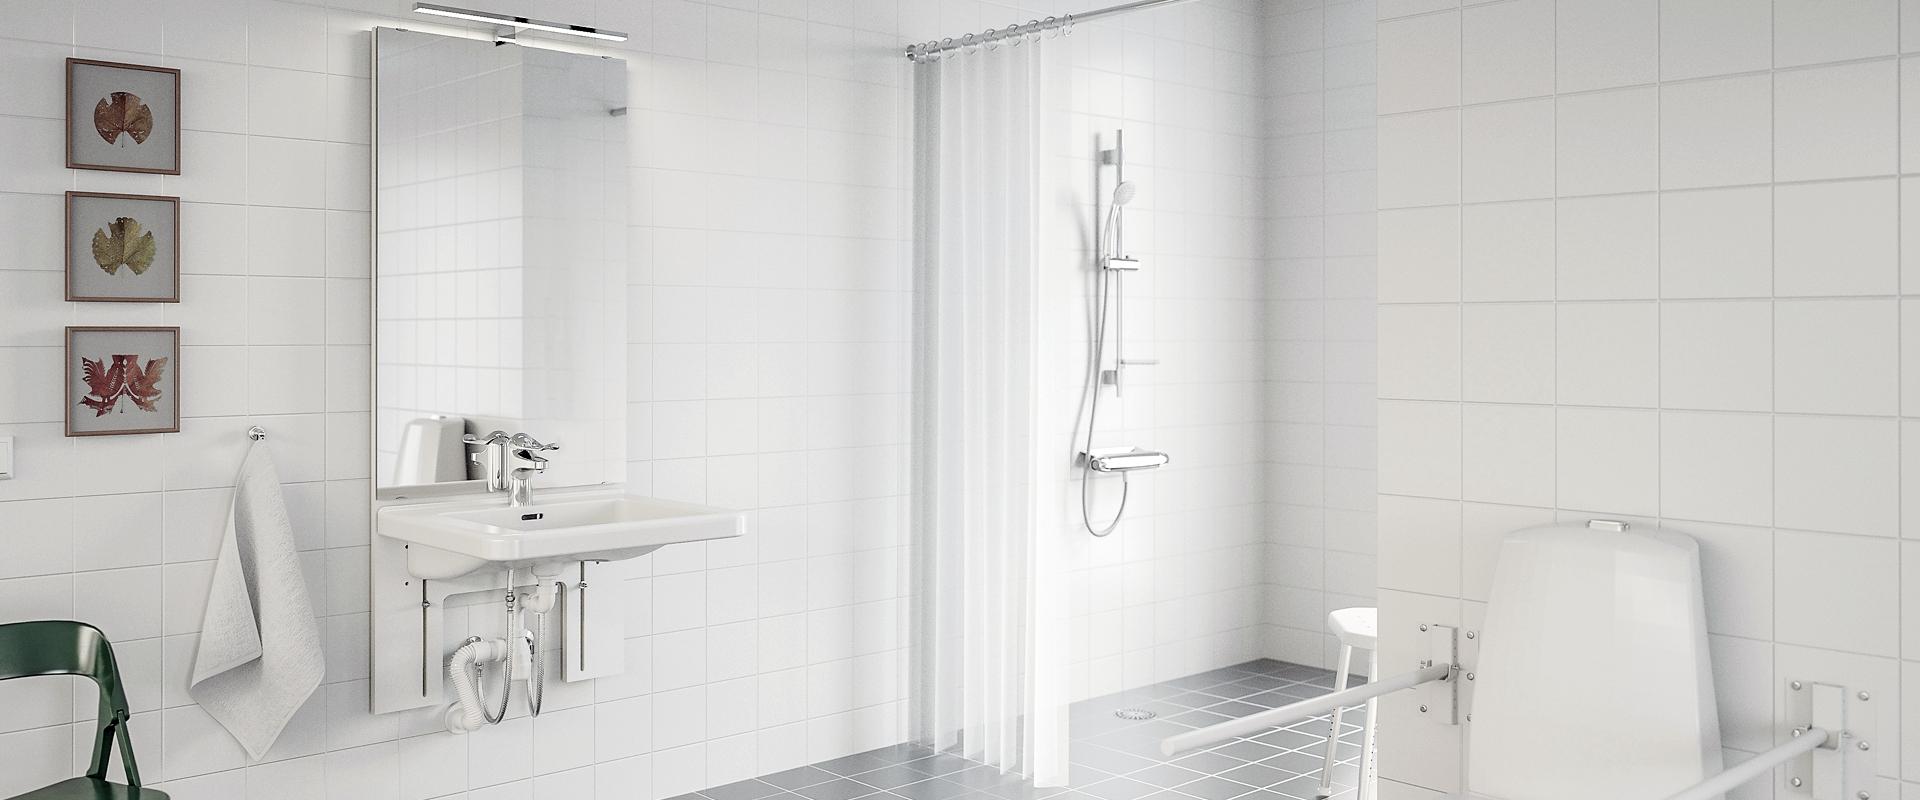 Wash basins to elderly homes